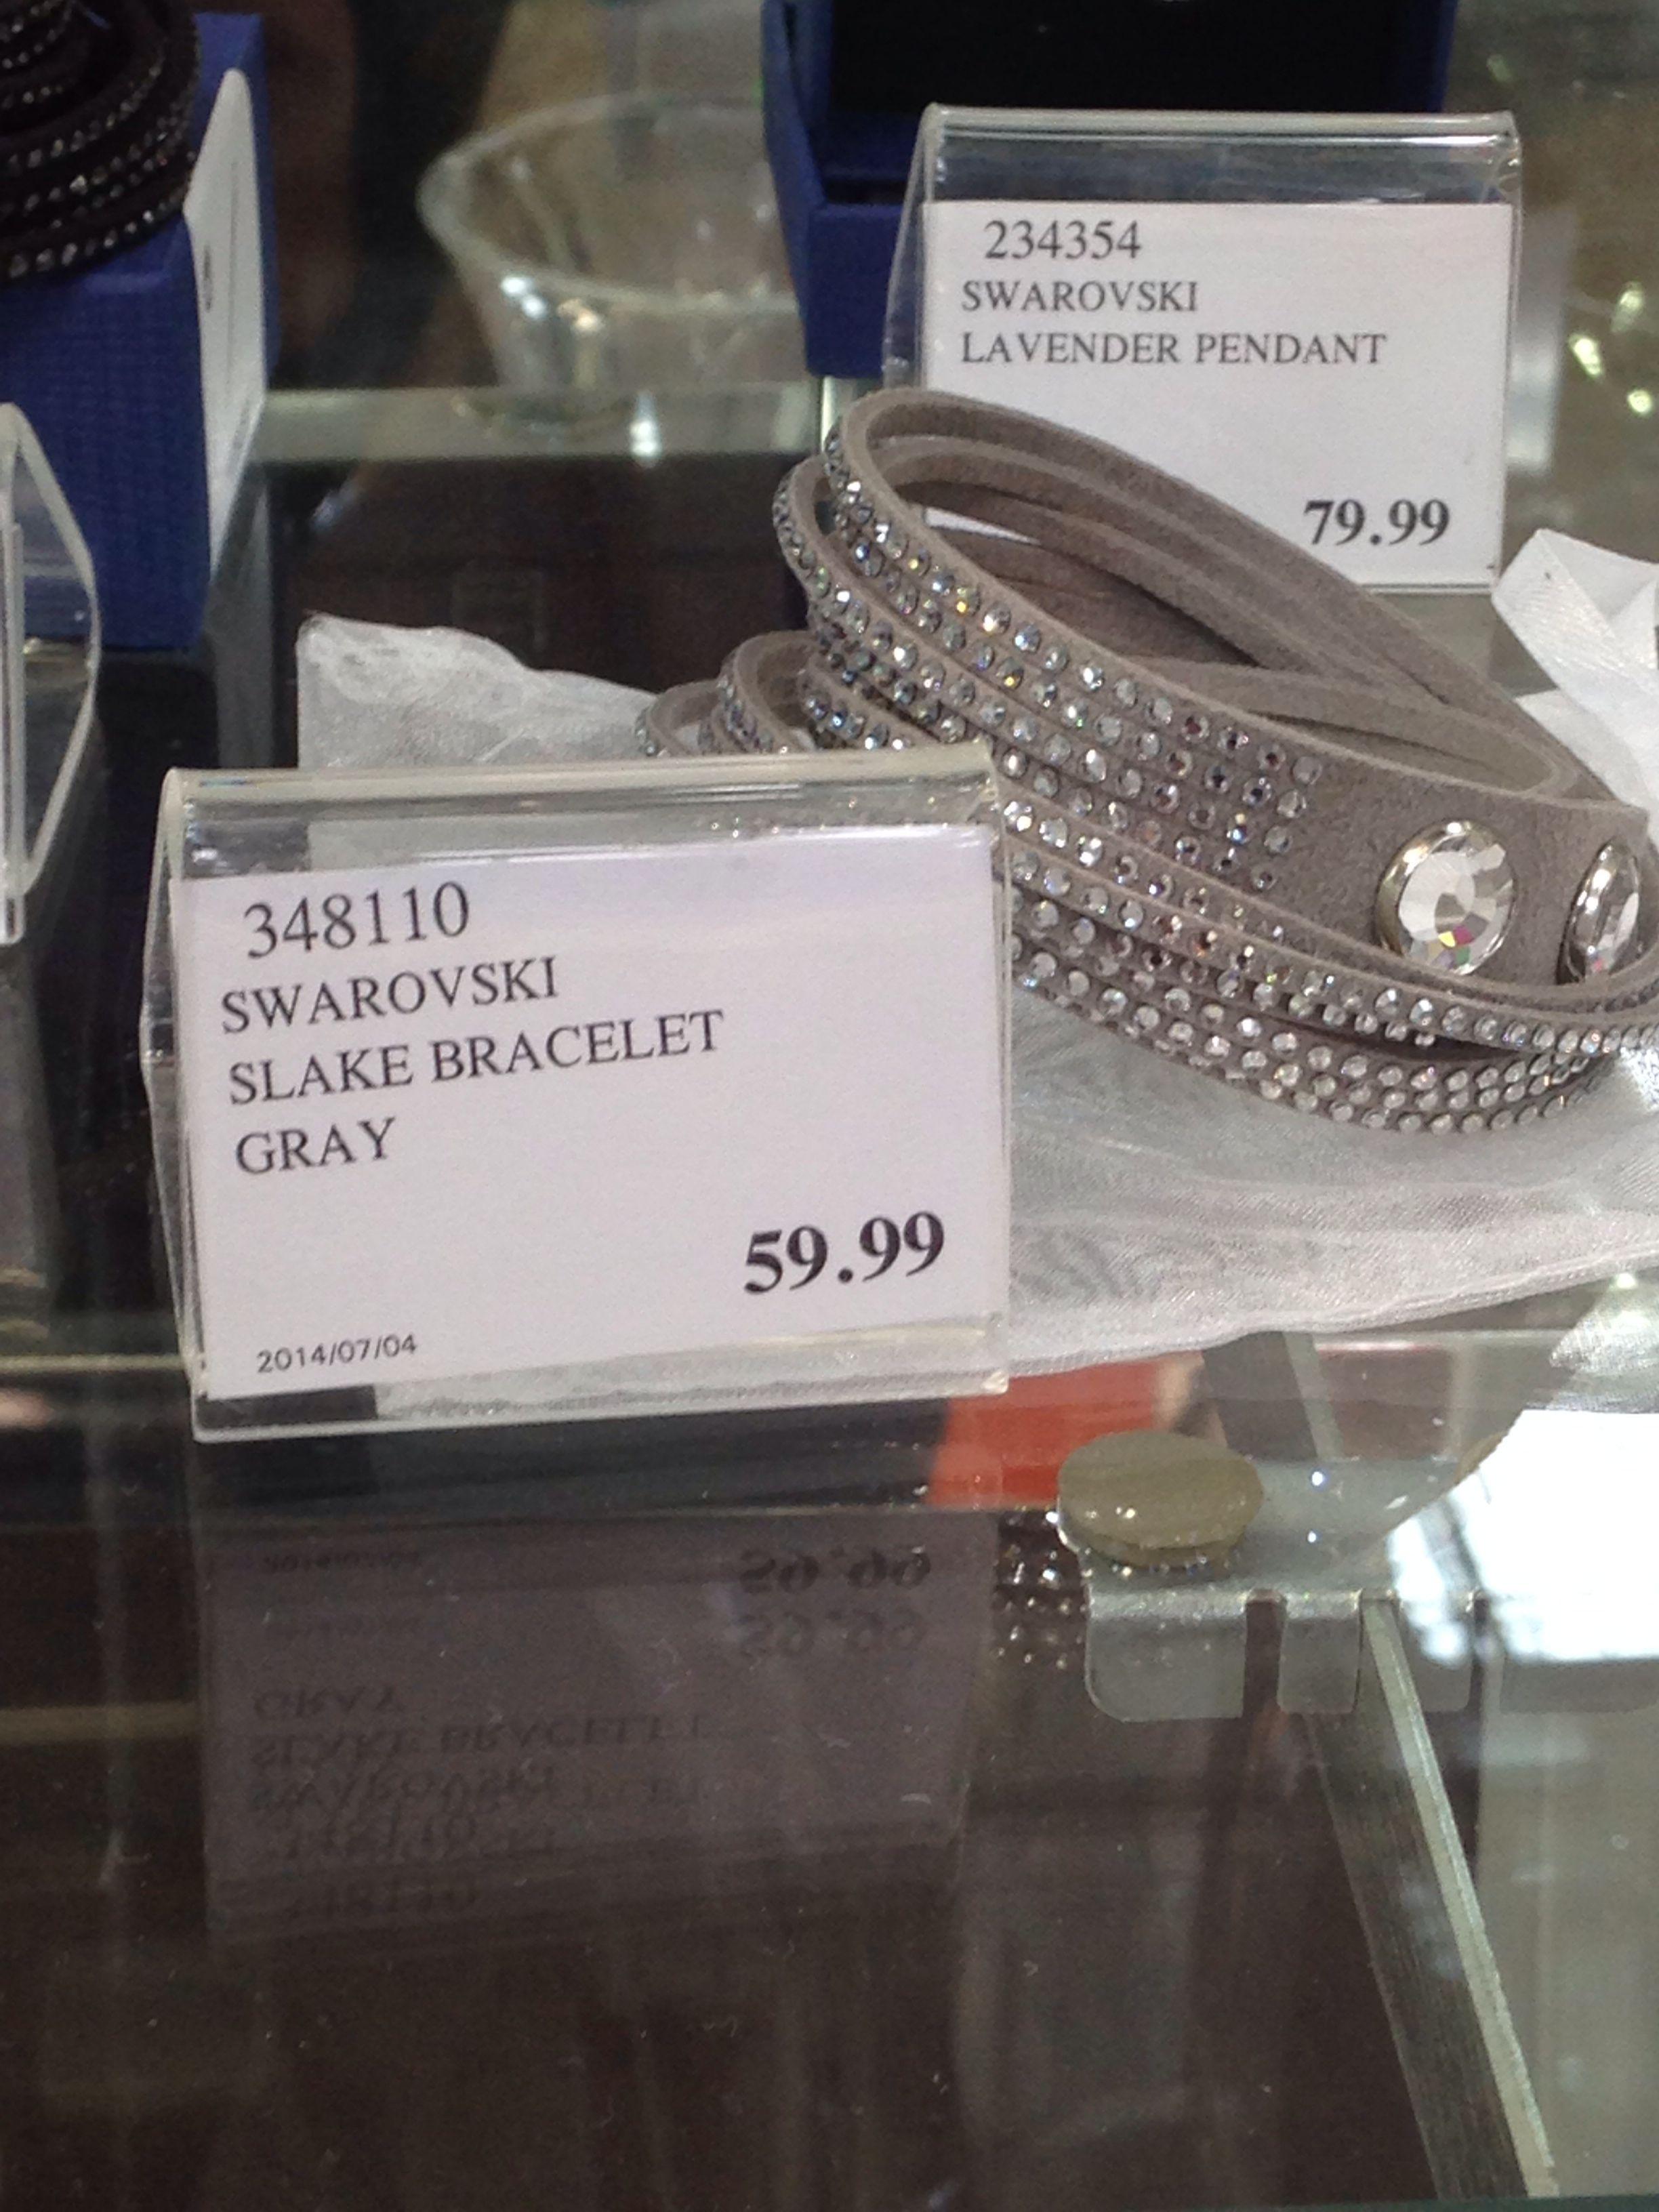 Swarovski Slake Bracelet In Gray From Costco